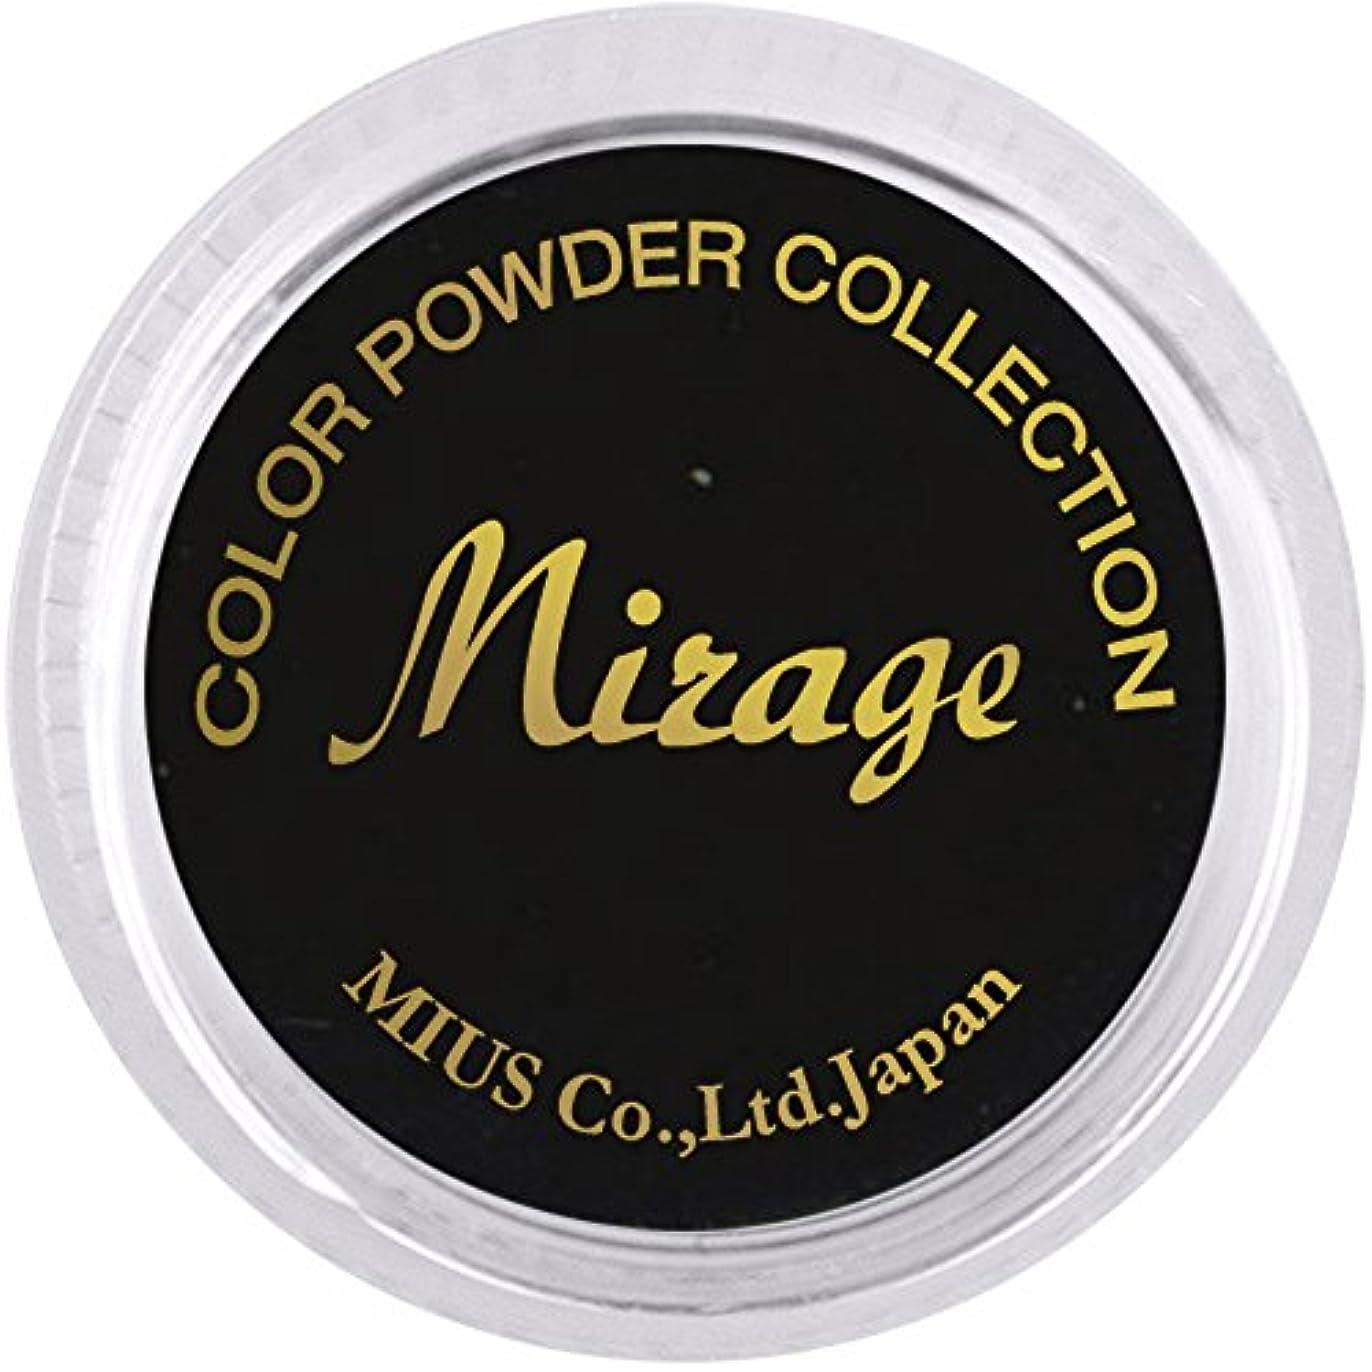 ミラージュ カラーパウダー N/CPS-10  7g  アクリルパウダー 色鮮やかな蛍光スタンダードカラー